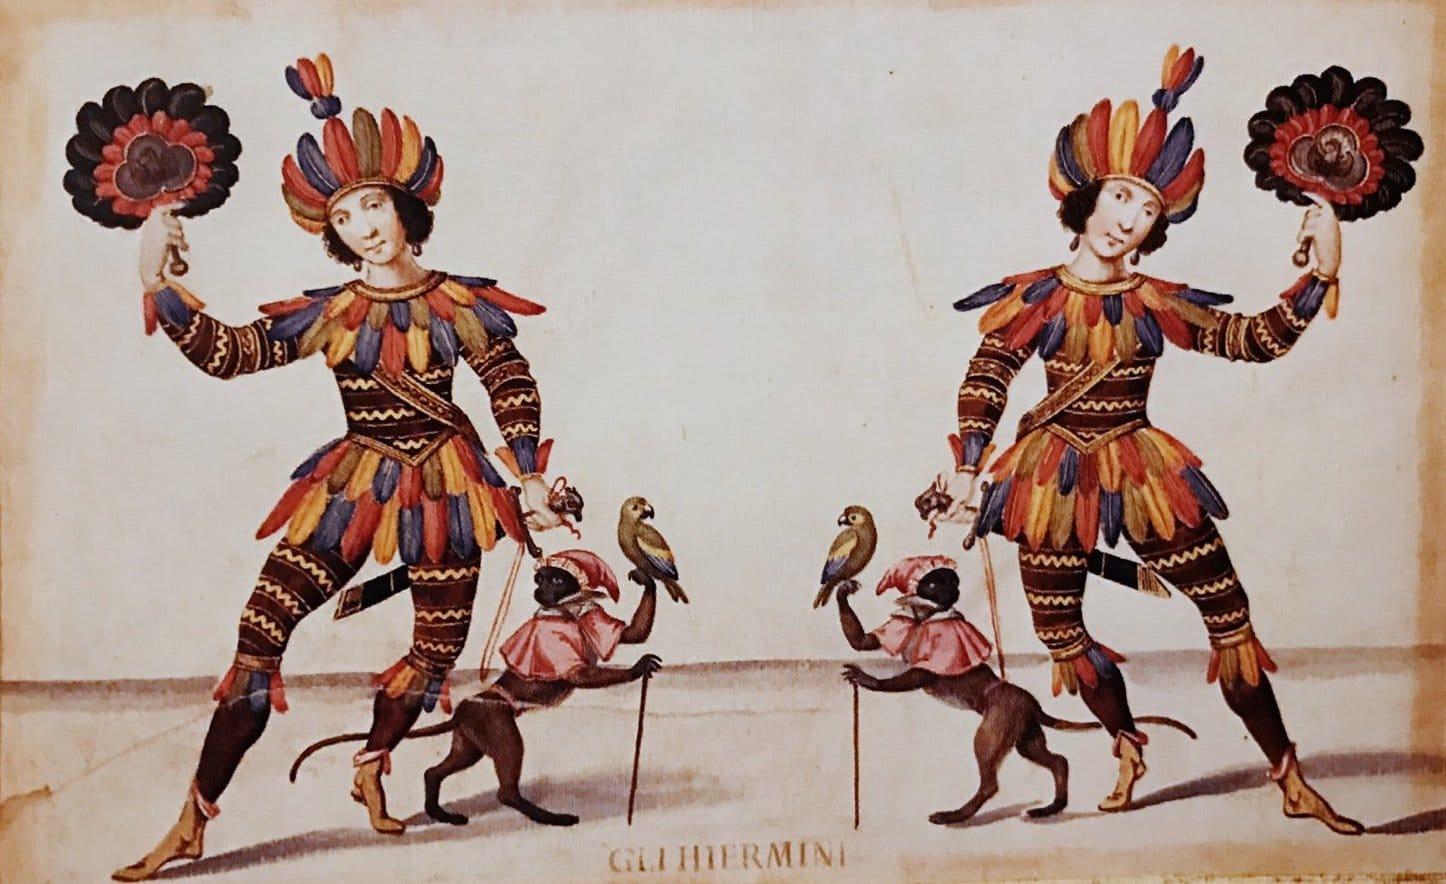 Foto di circo con degli animali ai margini della propria vita poiché si trovano a subire delle scelte dei propri padroni